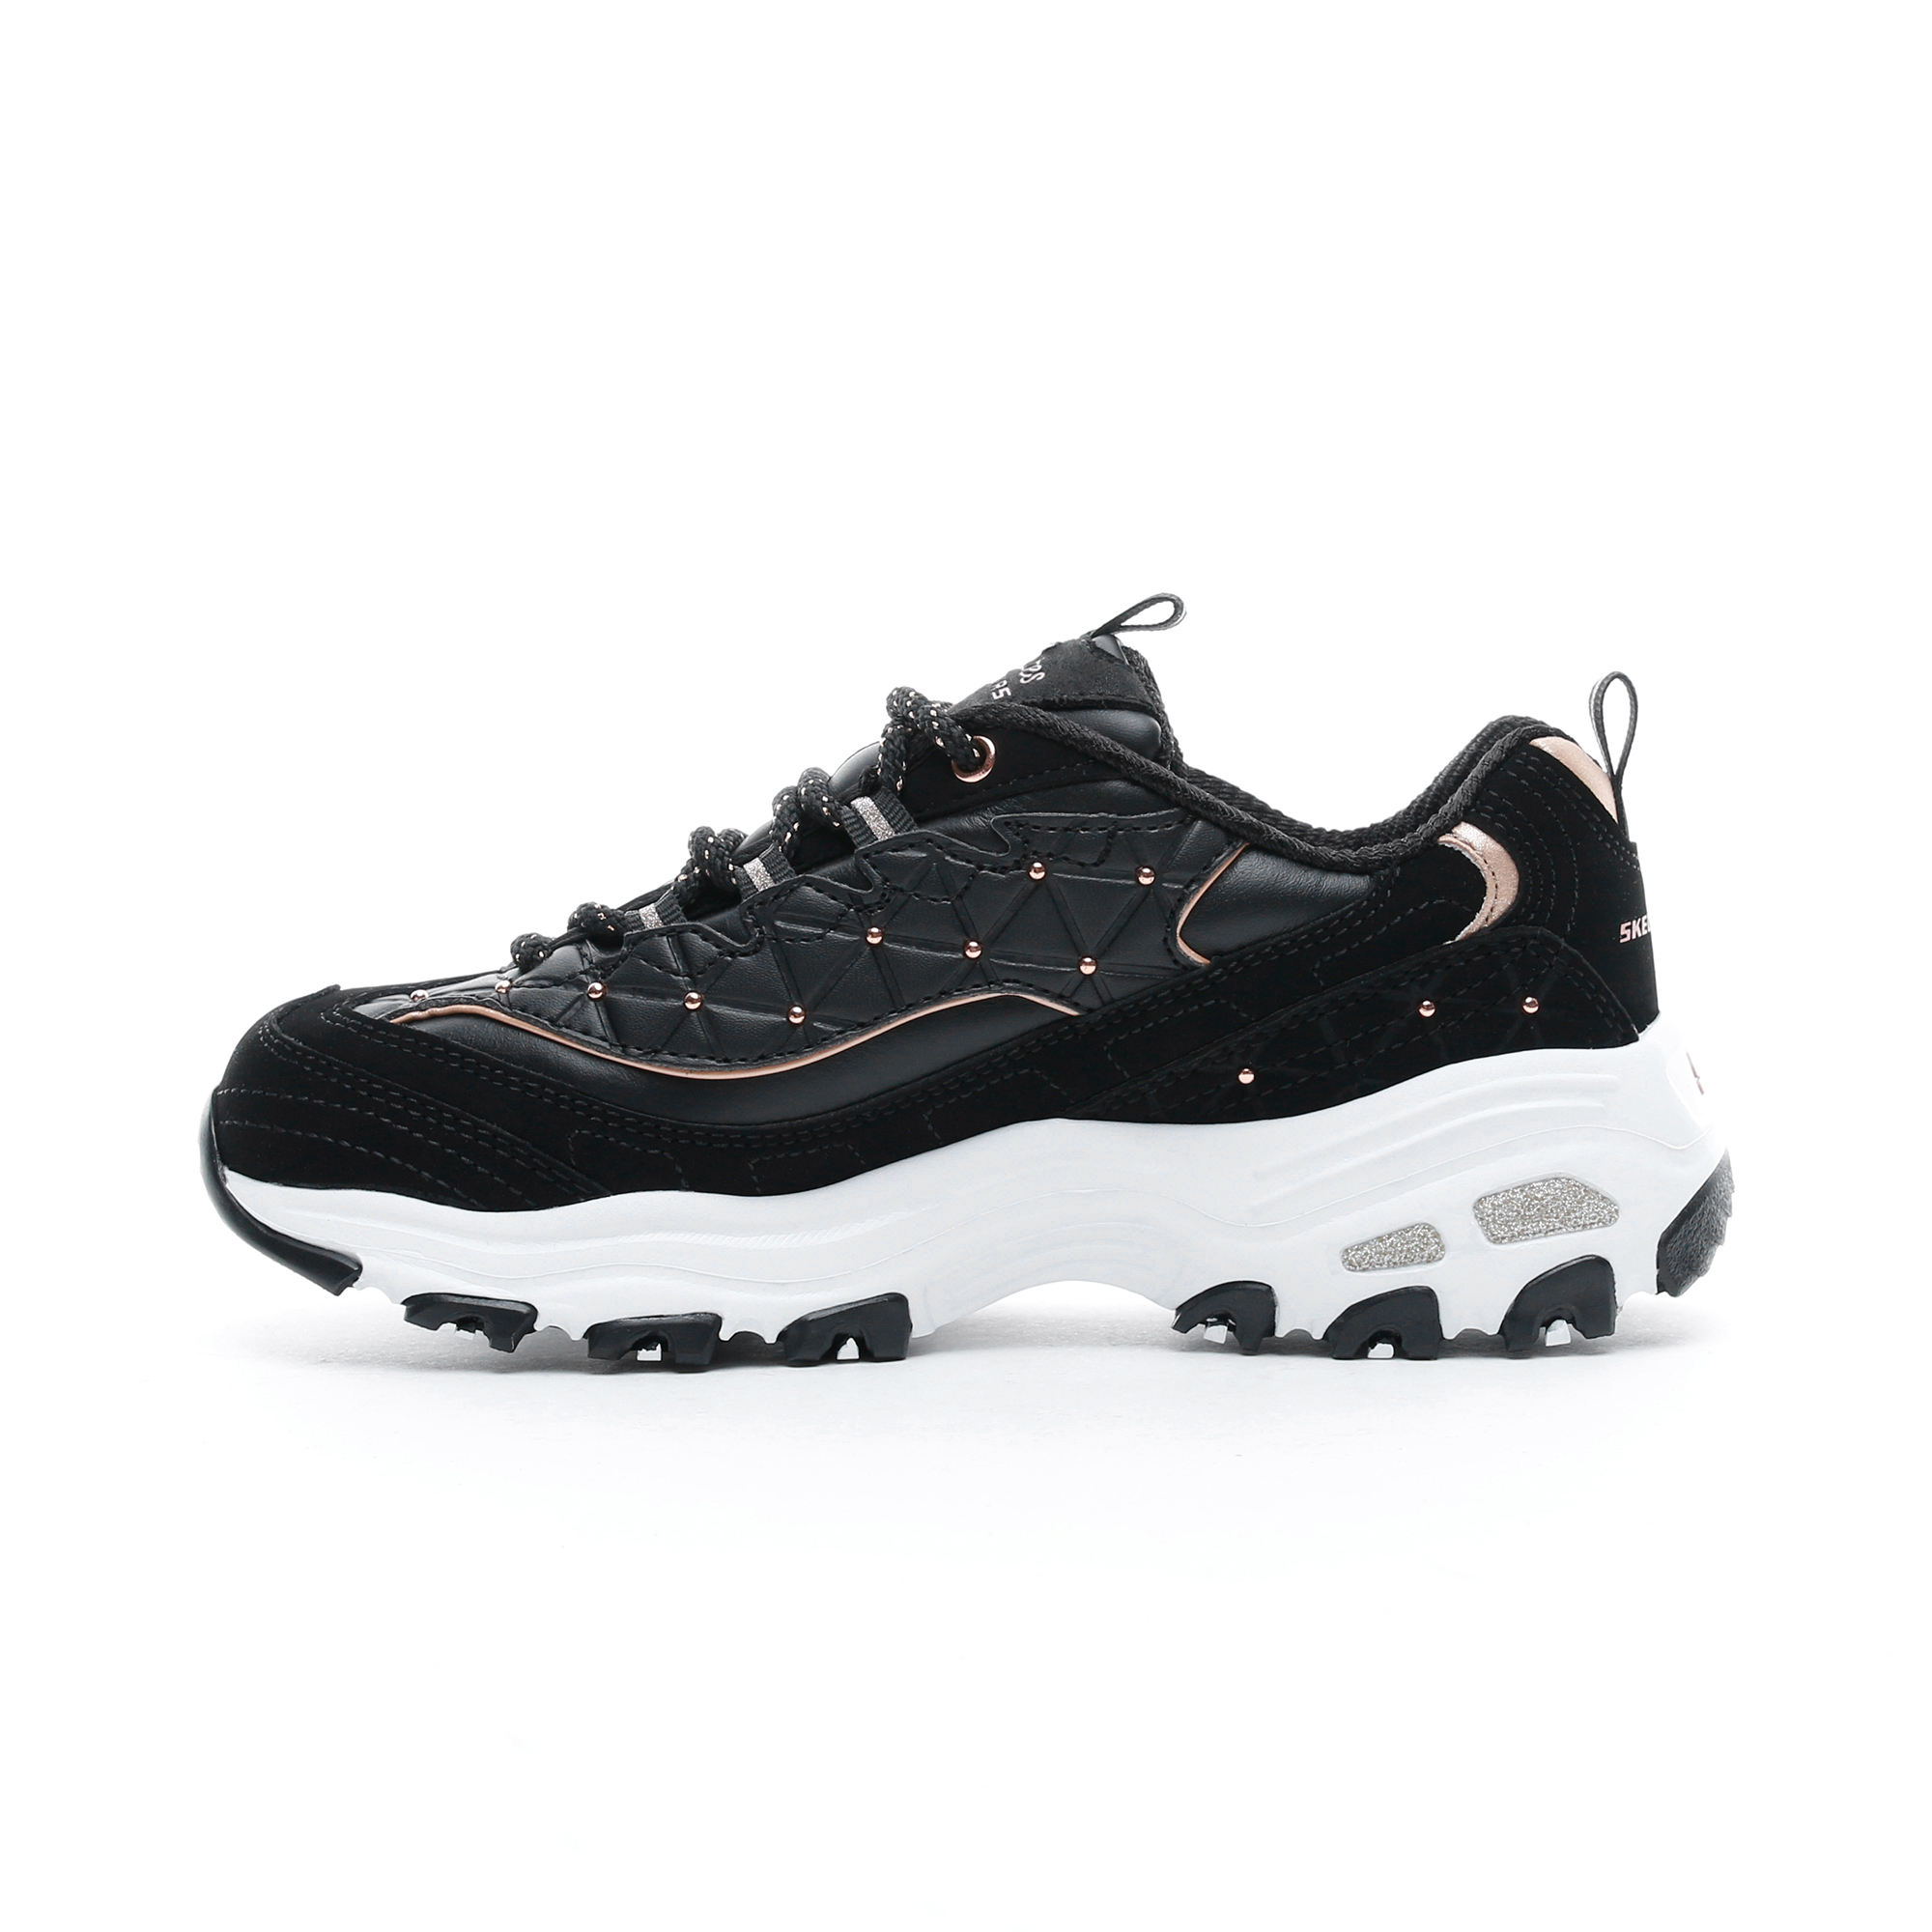 Skechers D'Lites Siyah Kadın Spor Ayakkabı